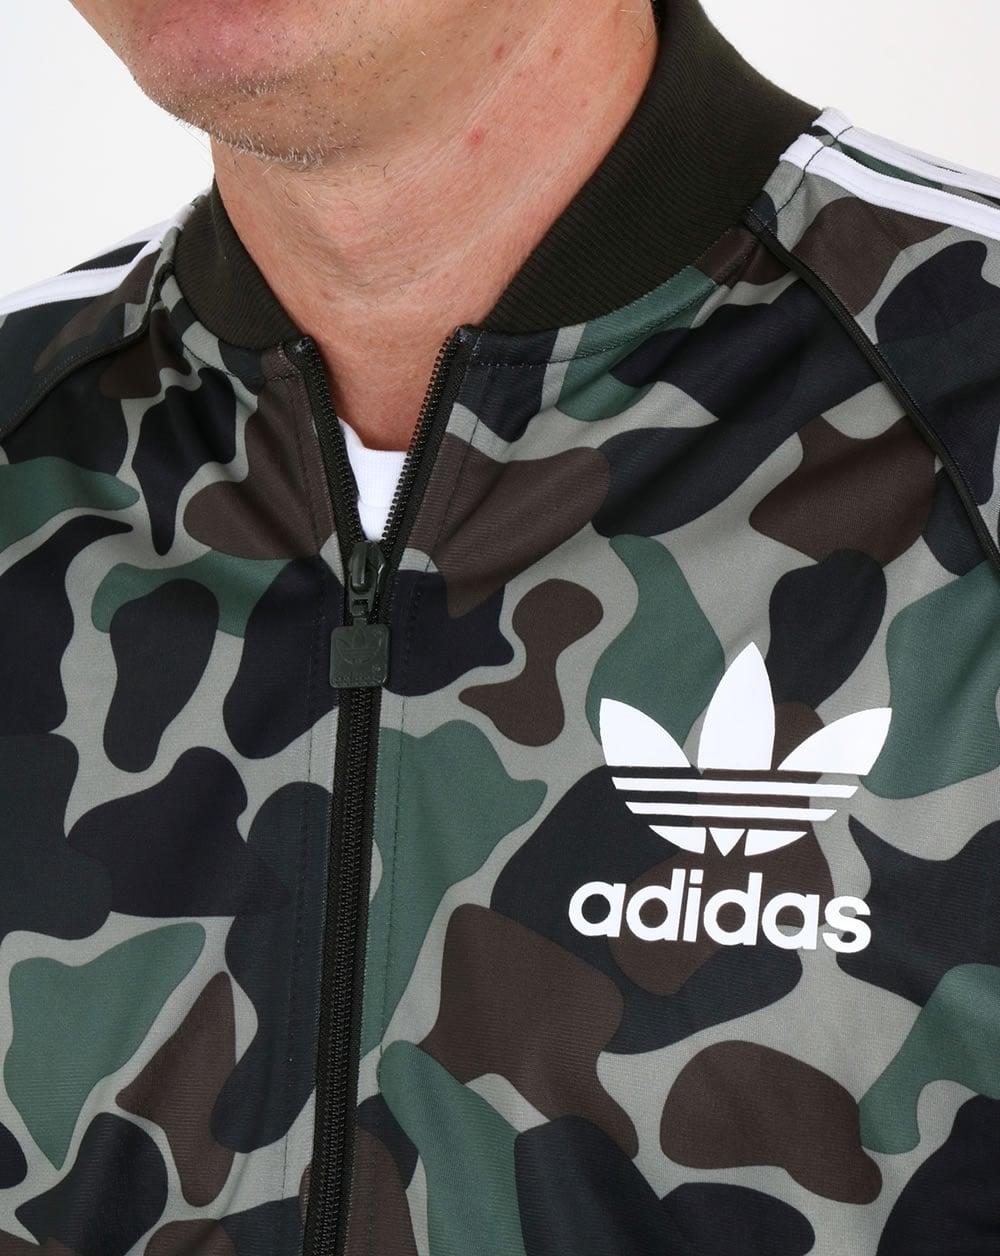 Adidas Originals Camo Superestrella Pista Superior - Hombres TTzhLR3r